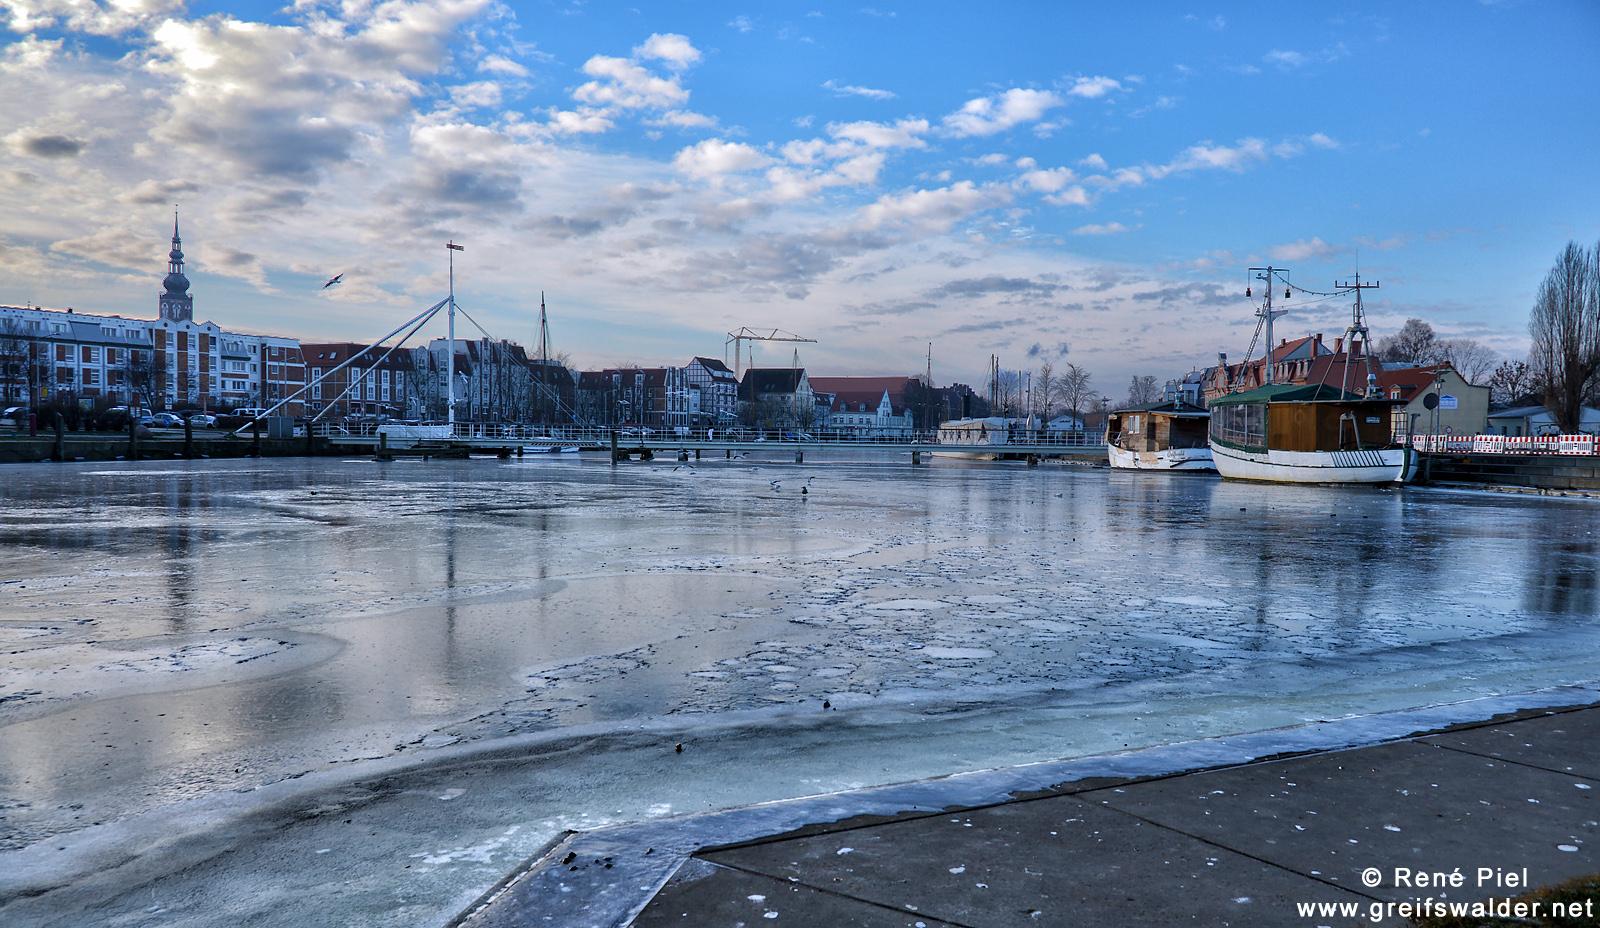 Am Museumshafen in Greifswald